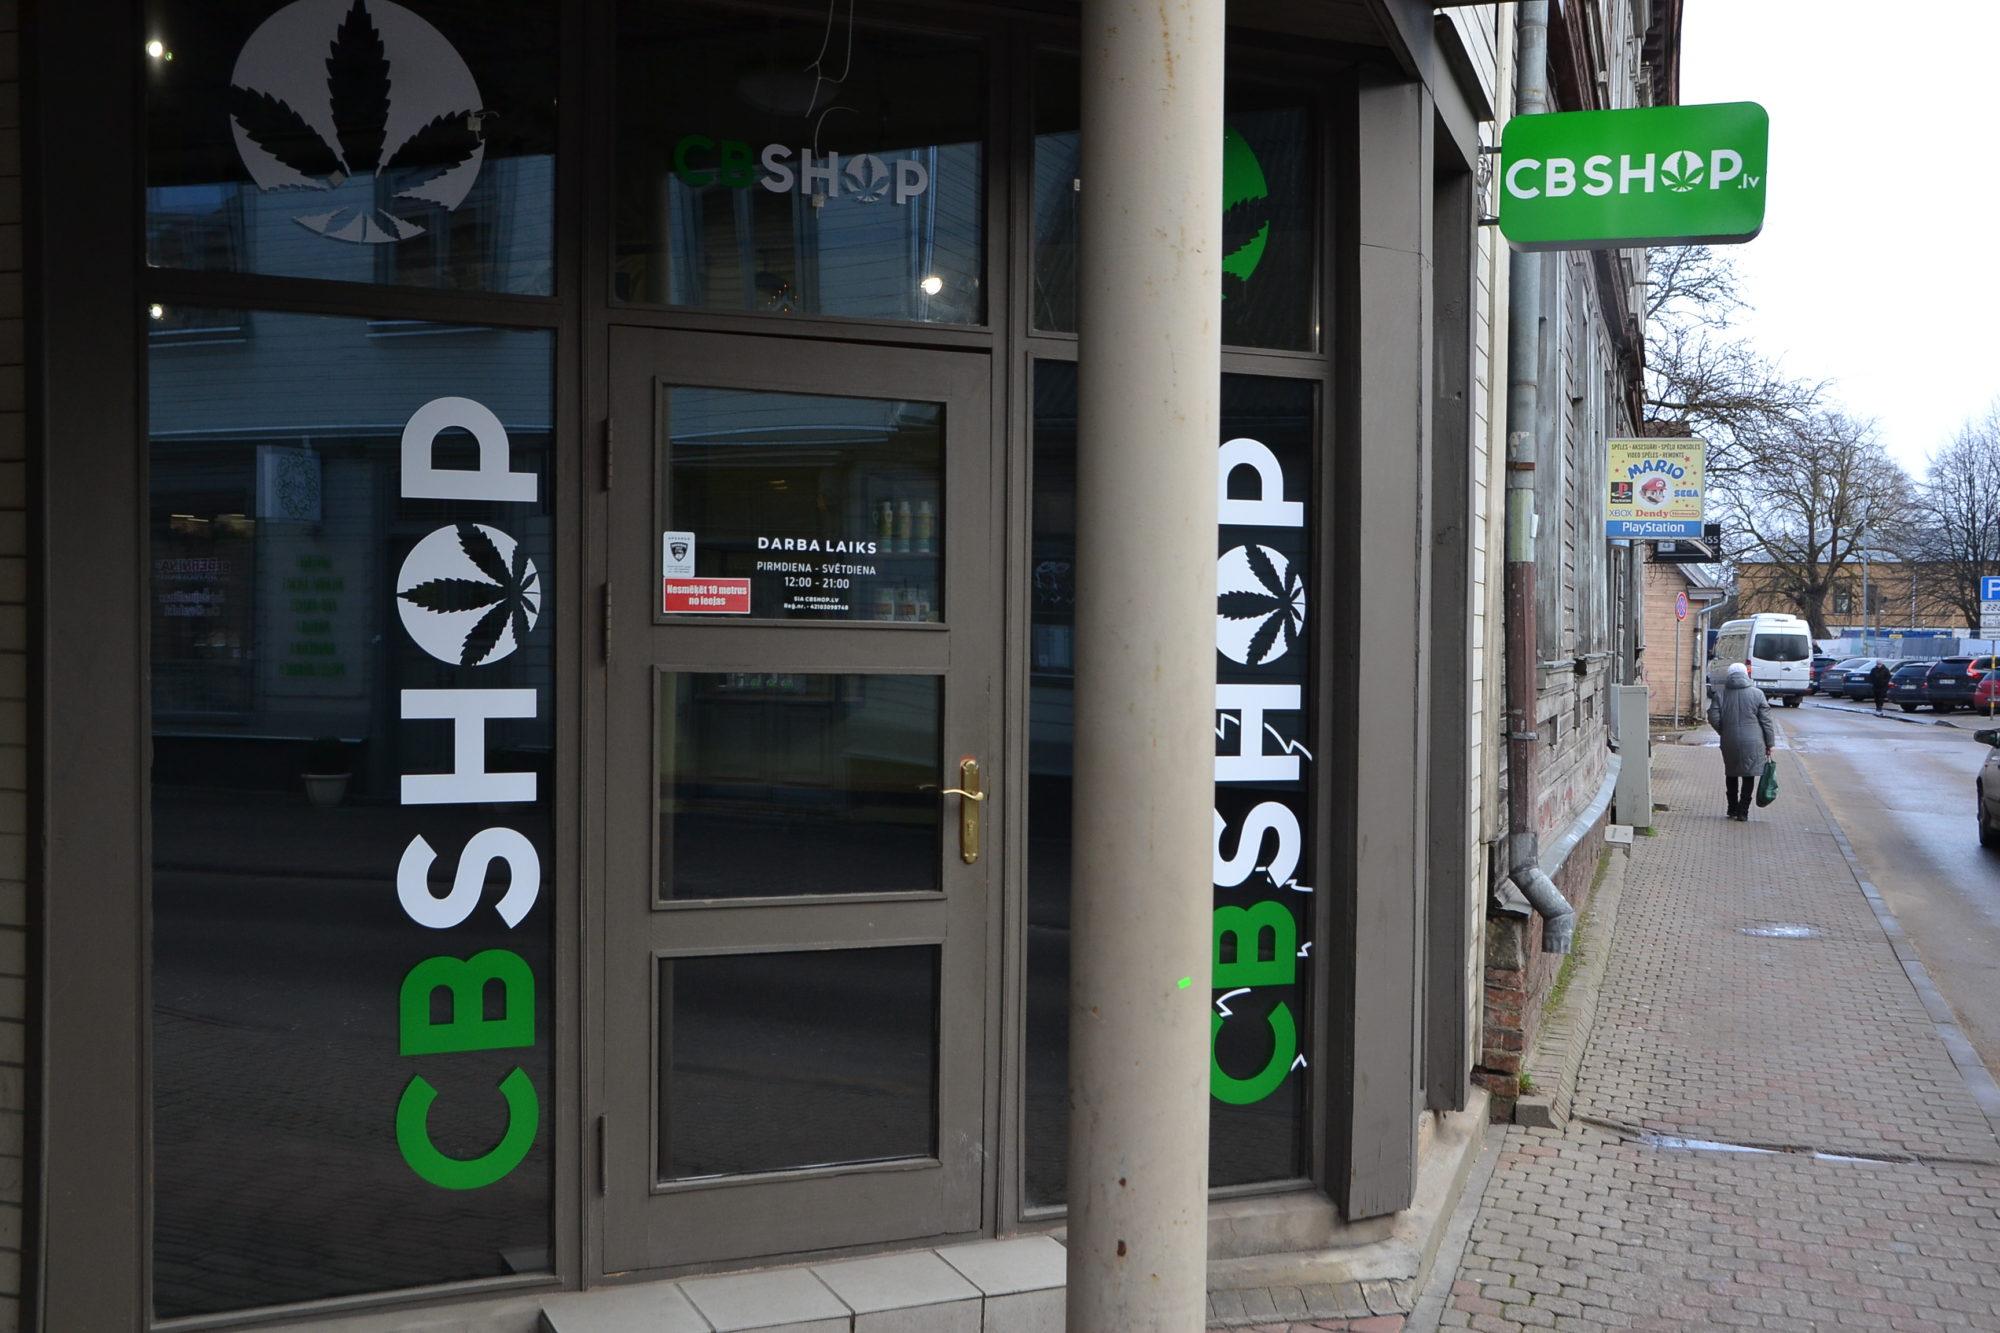 Продолжается расследование в отношении магазина «CBSHOP»